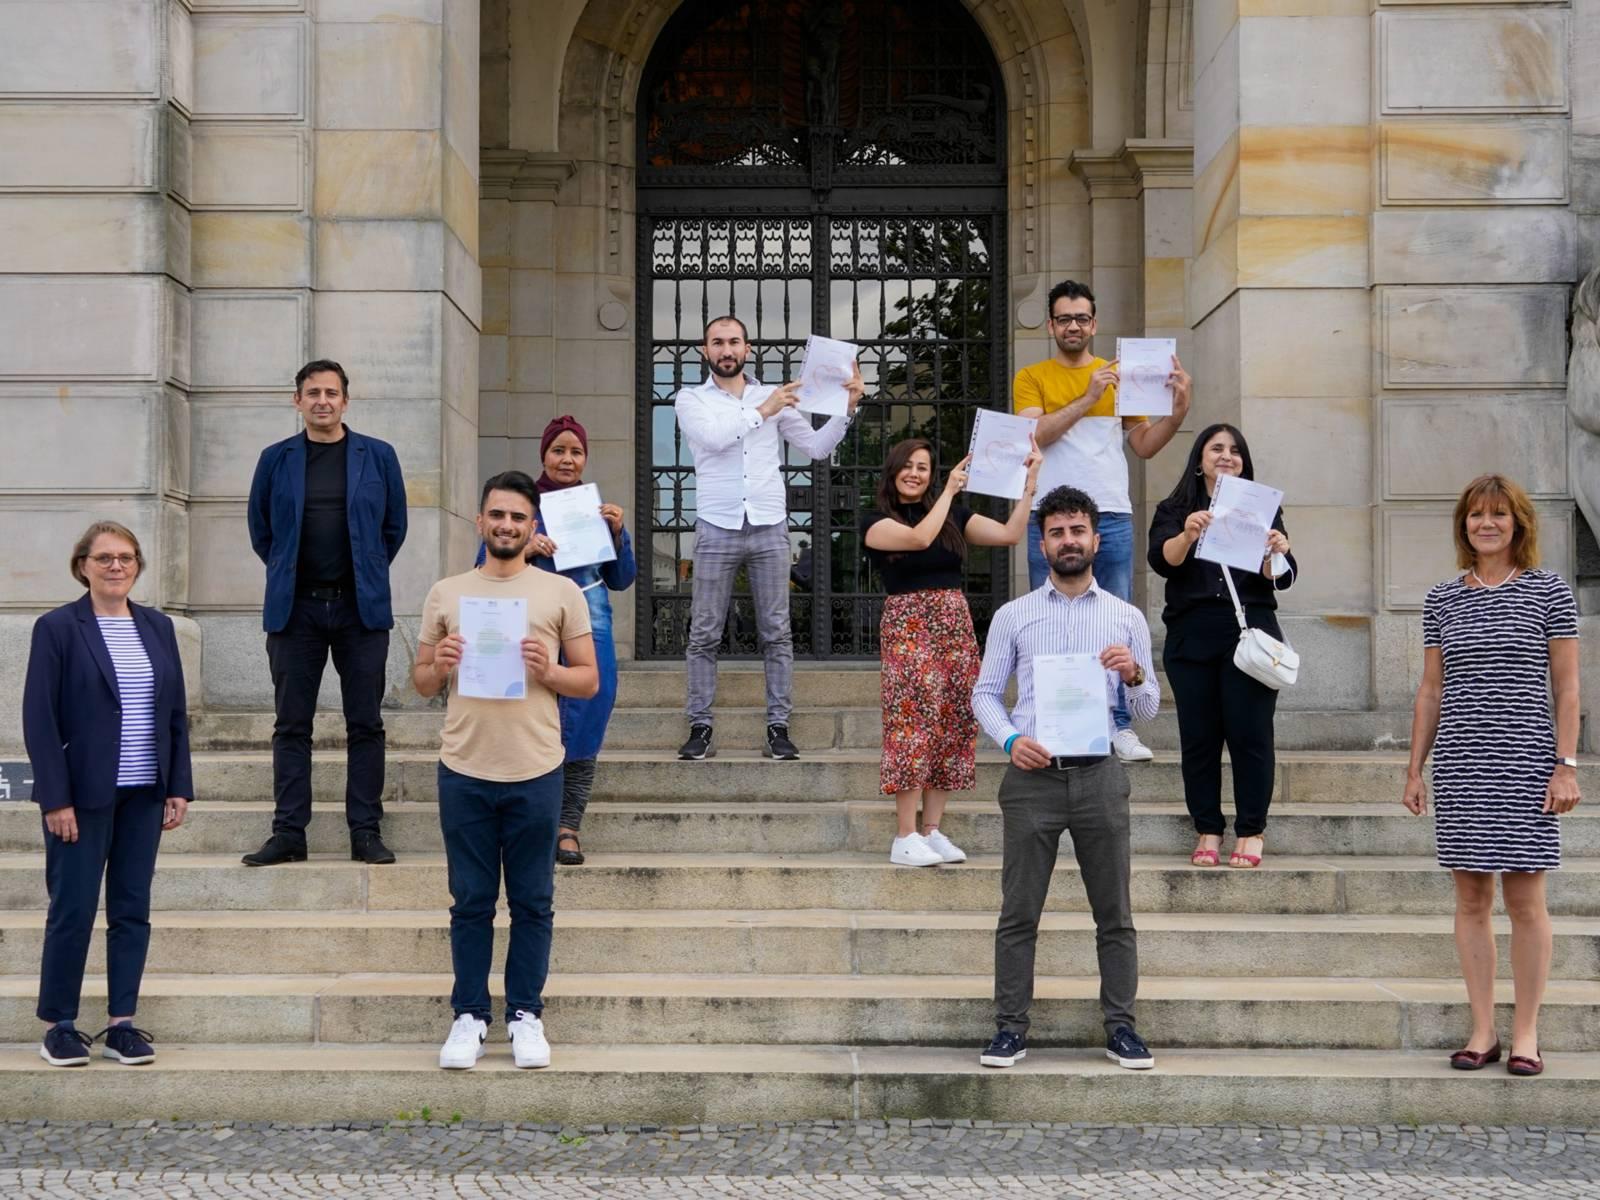 Zehn Personen stehen auf einer Treppe am Rathaus, einige halten ihr Zertifikat in die Höhe.